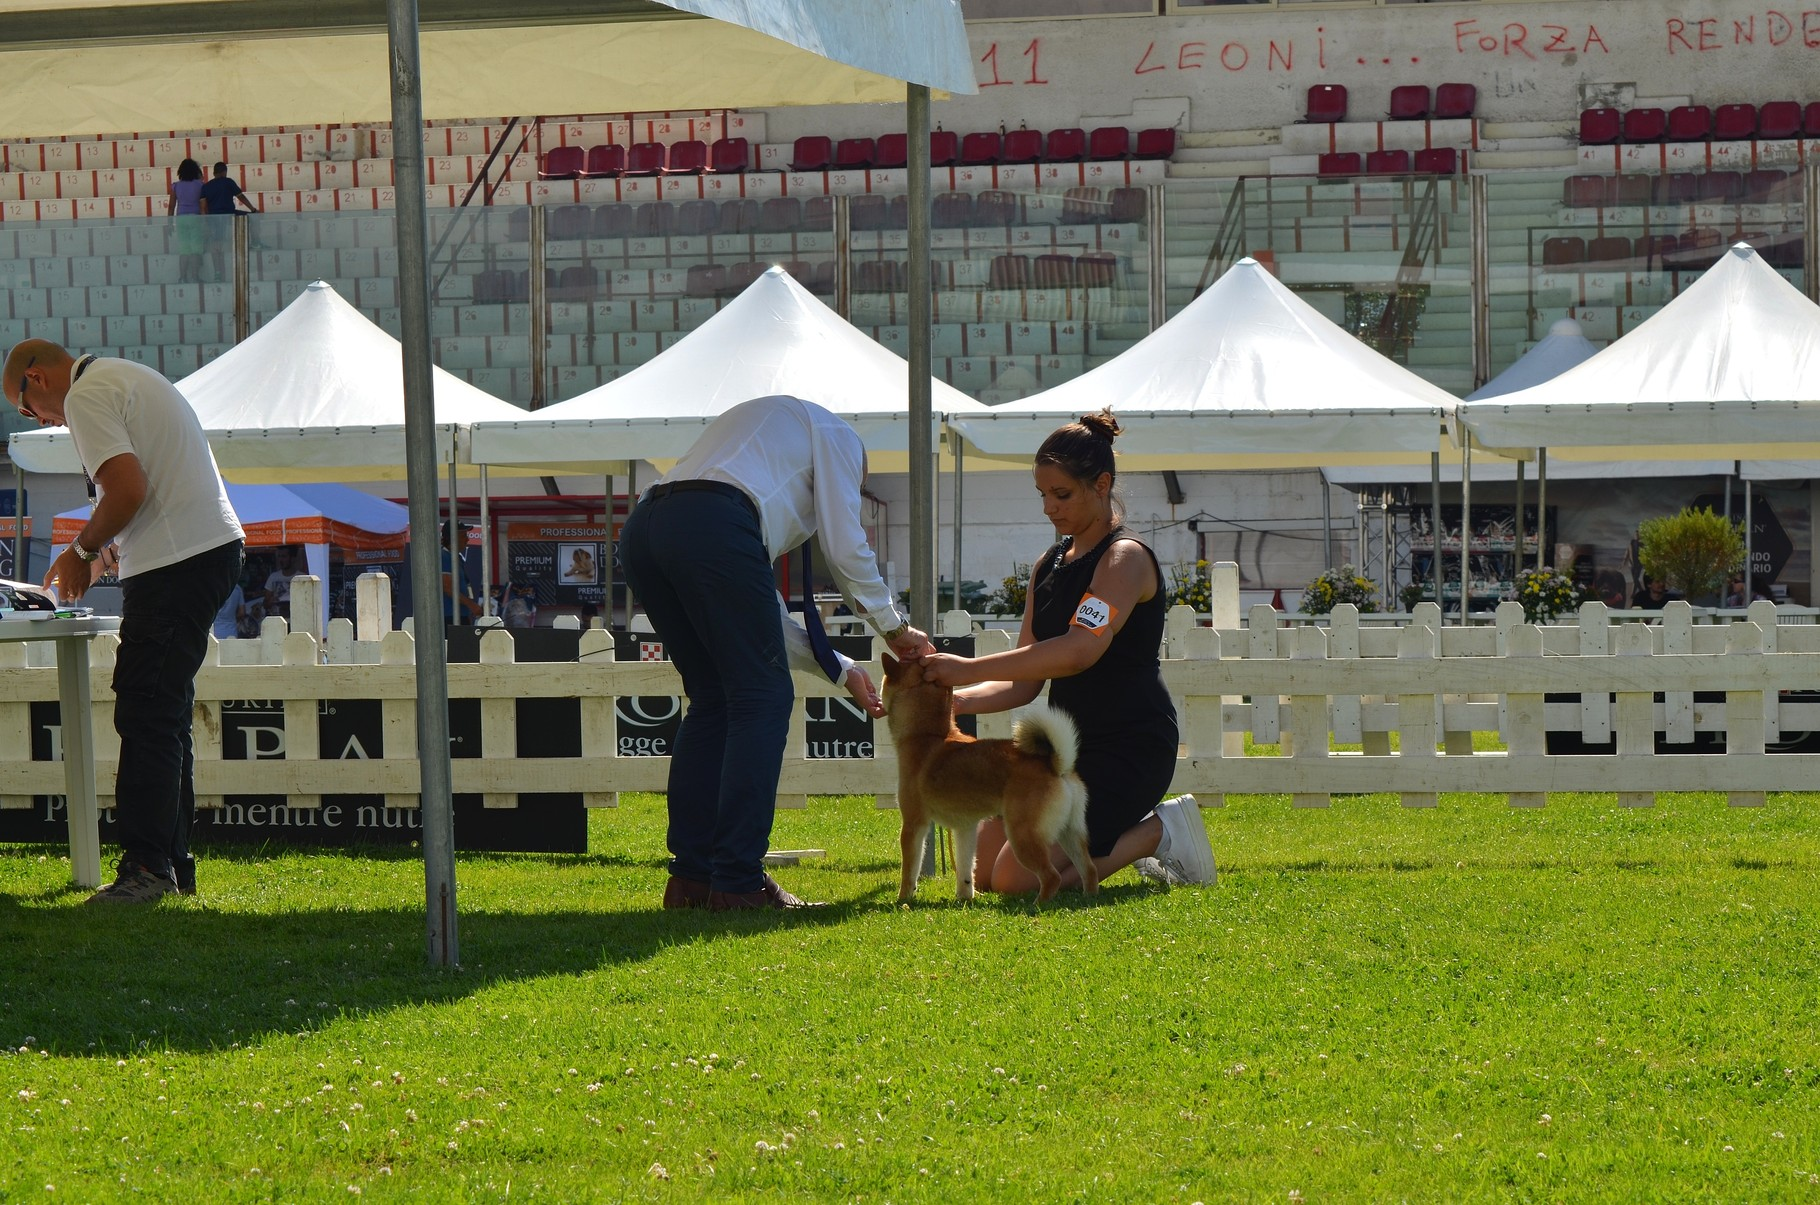 """Bring Me Luck Katsuro """" Expo Internazionale di Rende e raduno C.I.R.N. 1° Eccellente"""" B.O.B  20-21/06/15."""